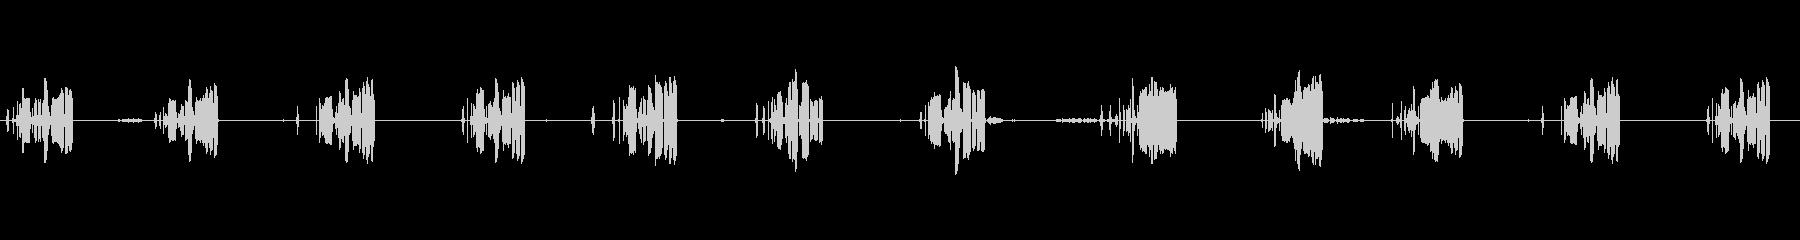 ビウィックスレン:歌う、動物の鳥の未再生の波形